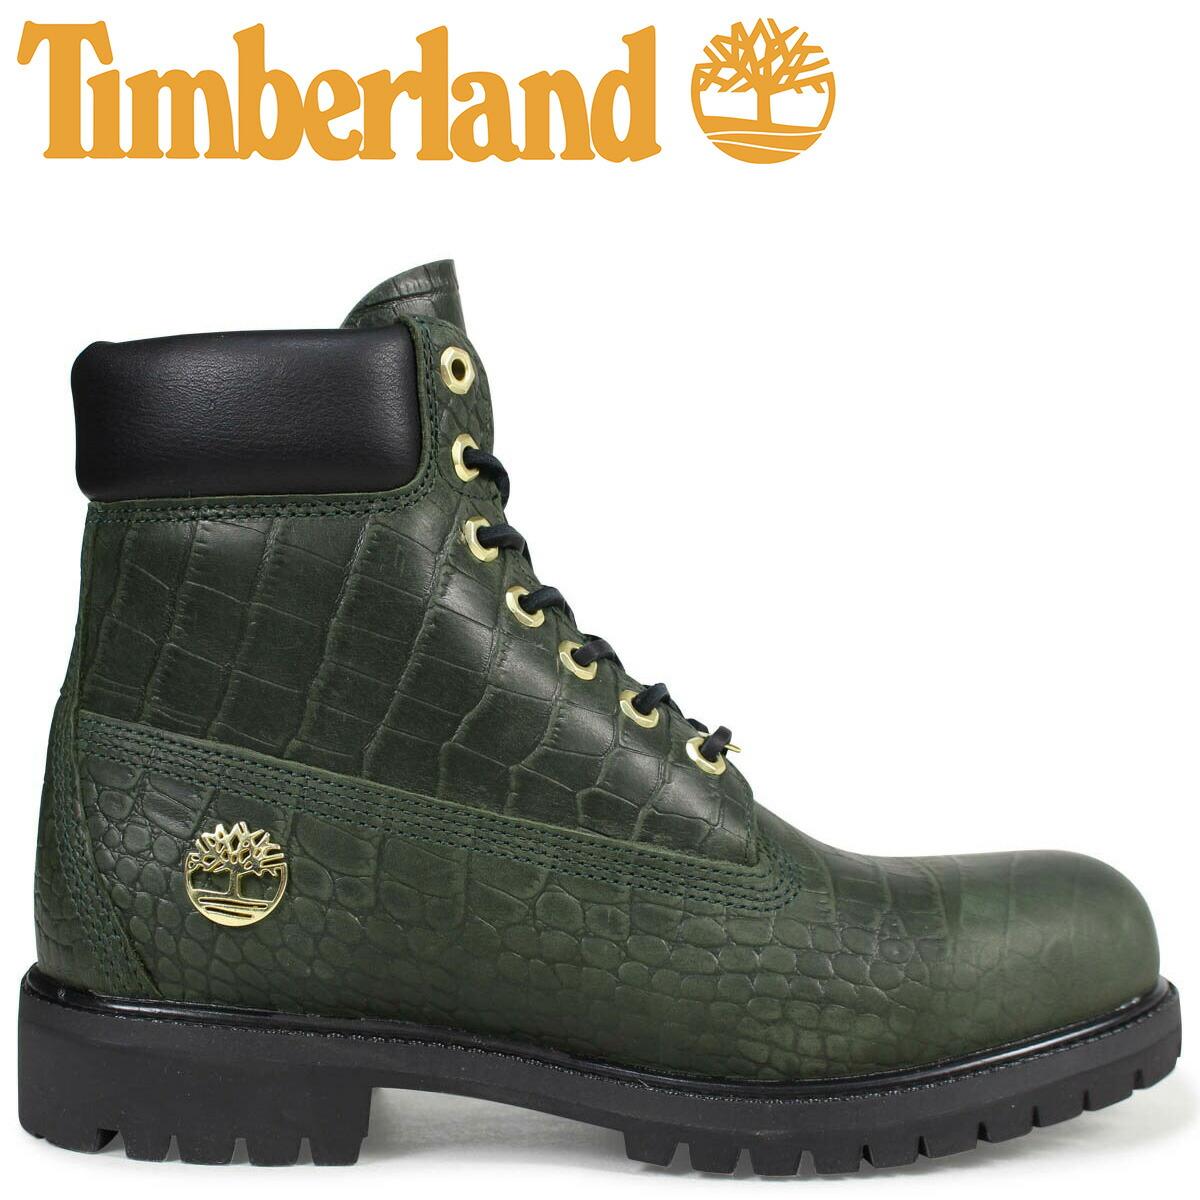 ティンバーランド ブーツ メンズ 6インチ Timberland 6INCH PREMIUM BOOT A1PIJ Wワイズ プレミアム グリーン [2/19 新入荷]